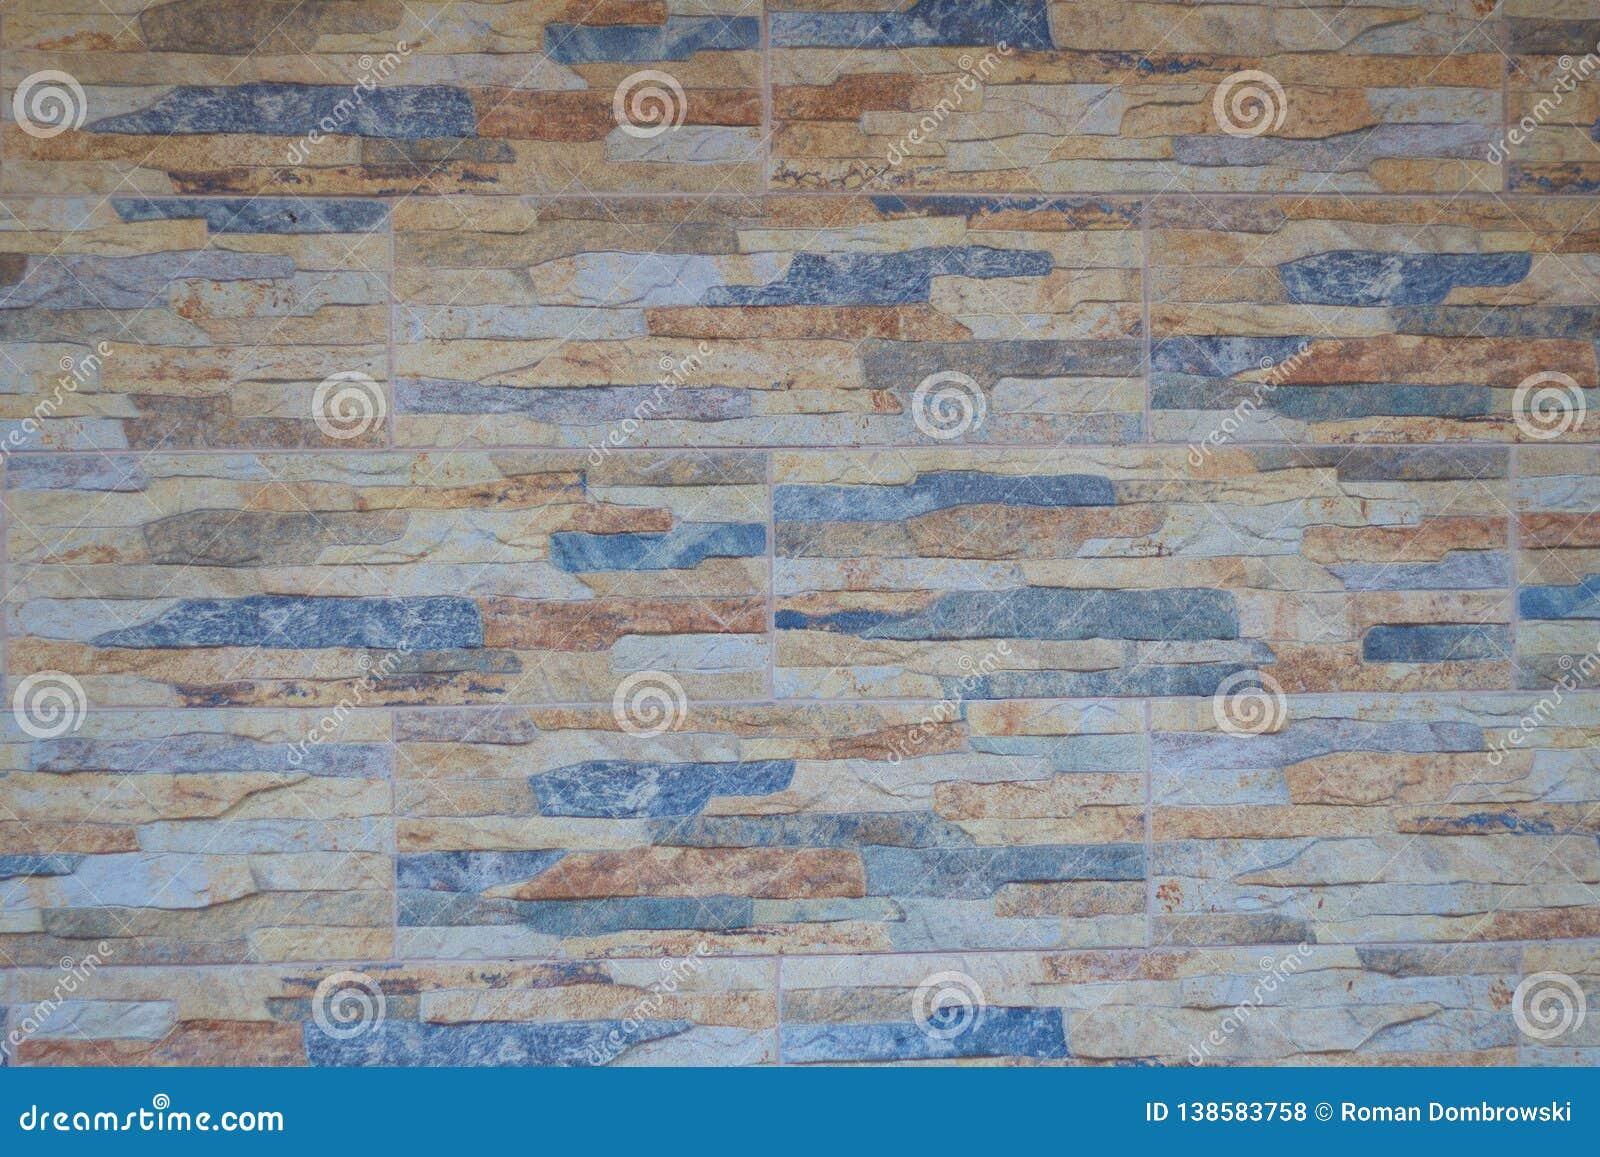 Multicolor Kamiennej ceramicznej ściany z cegieł koloru tekstury piękny tło dla sztuk wnętrzy projekta w domu, dom